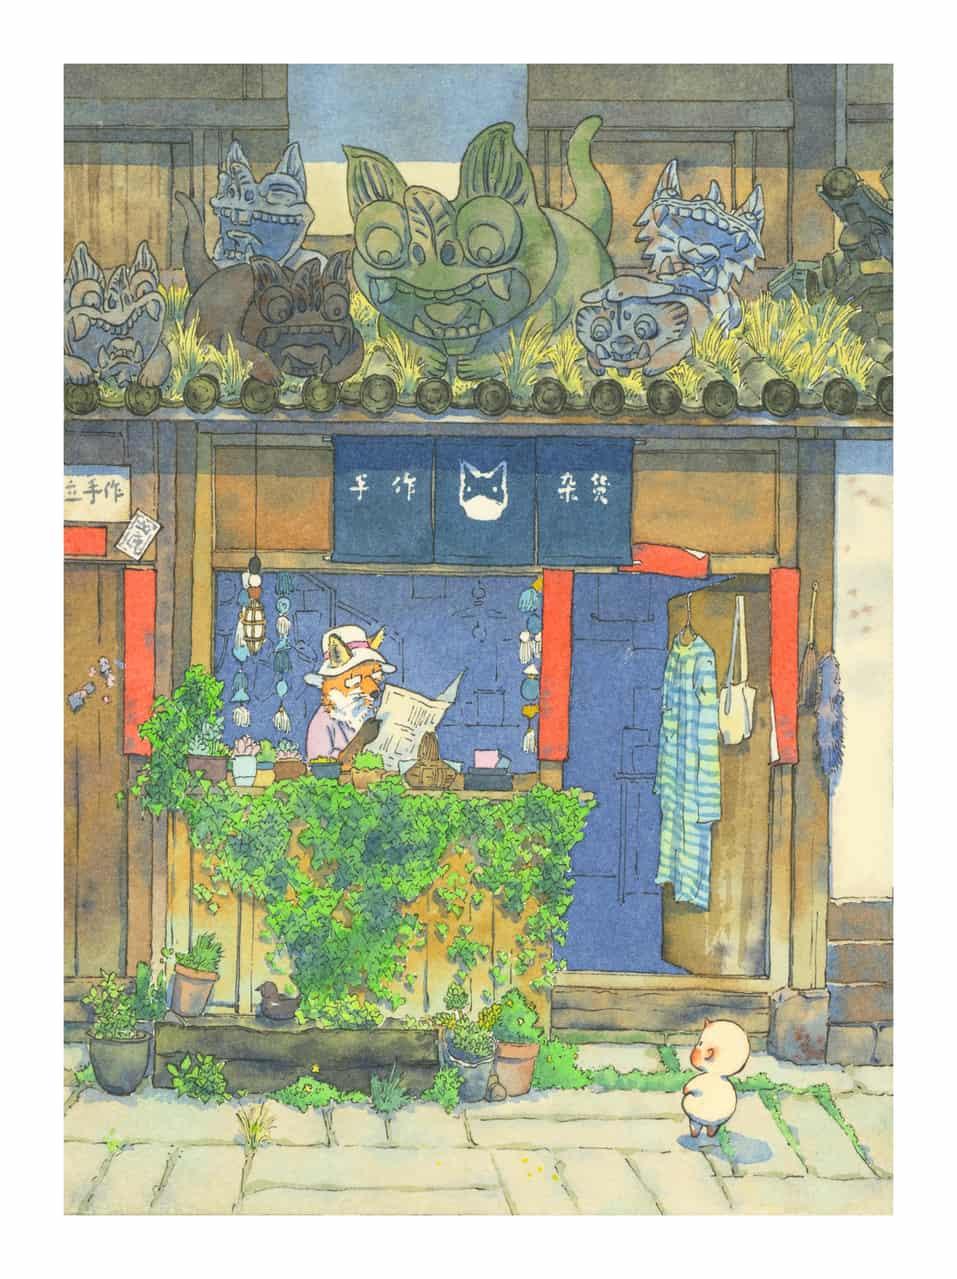 瓦猫 Illust of weiyiren fox watercolor handdrawn illustration